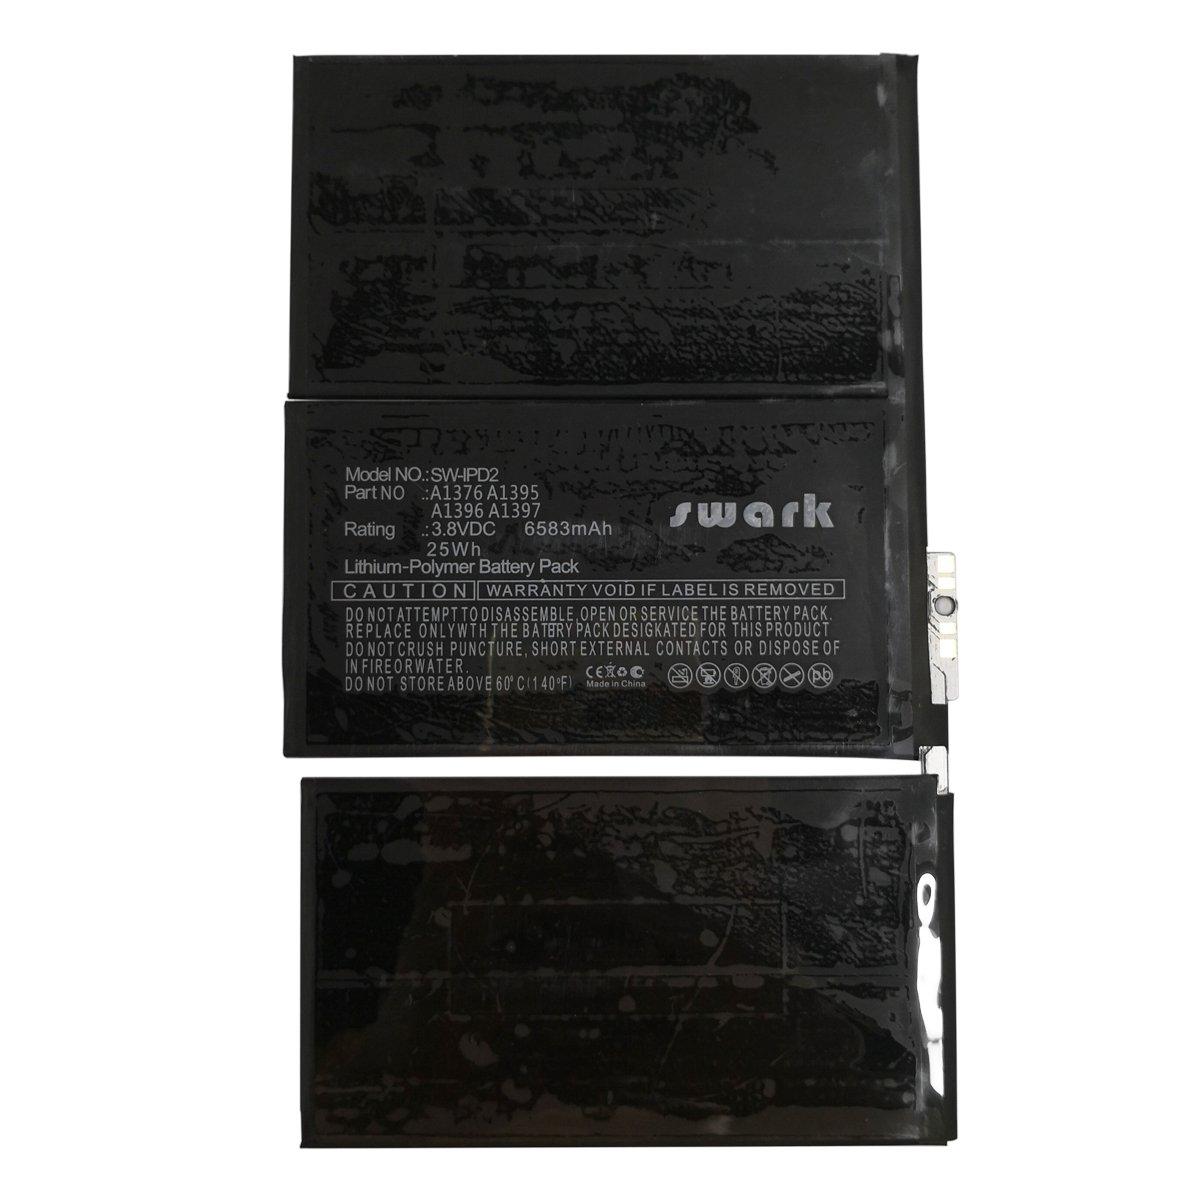 Bateria Tablet A1376 para Apple iPad 2 iPad 2 3G/WiFi A1316